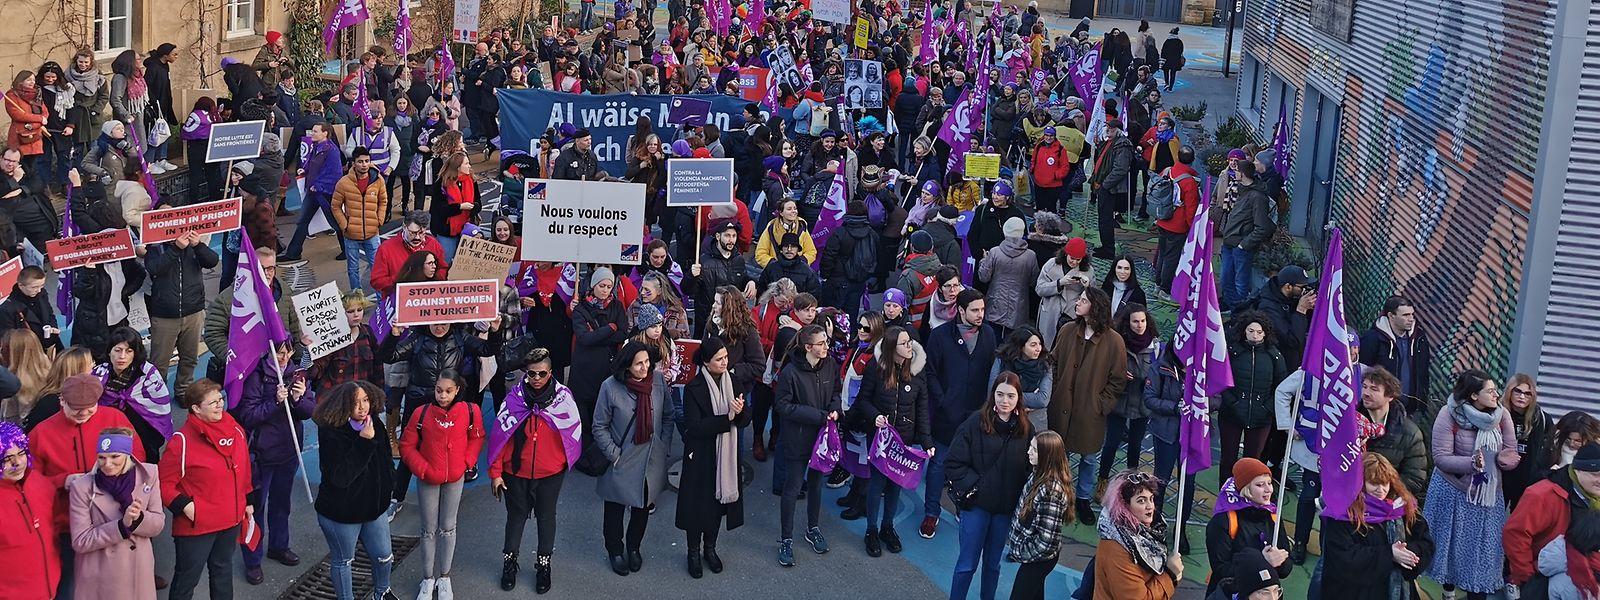 Am ersten Frauenstreik in Luxemburg hatten sich am 7. März 2020 zahlreiche Demonstranten beteiligt.